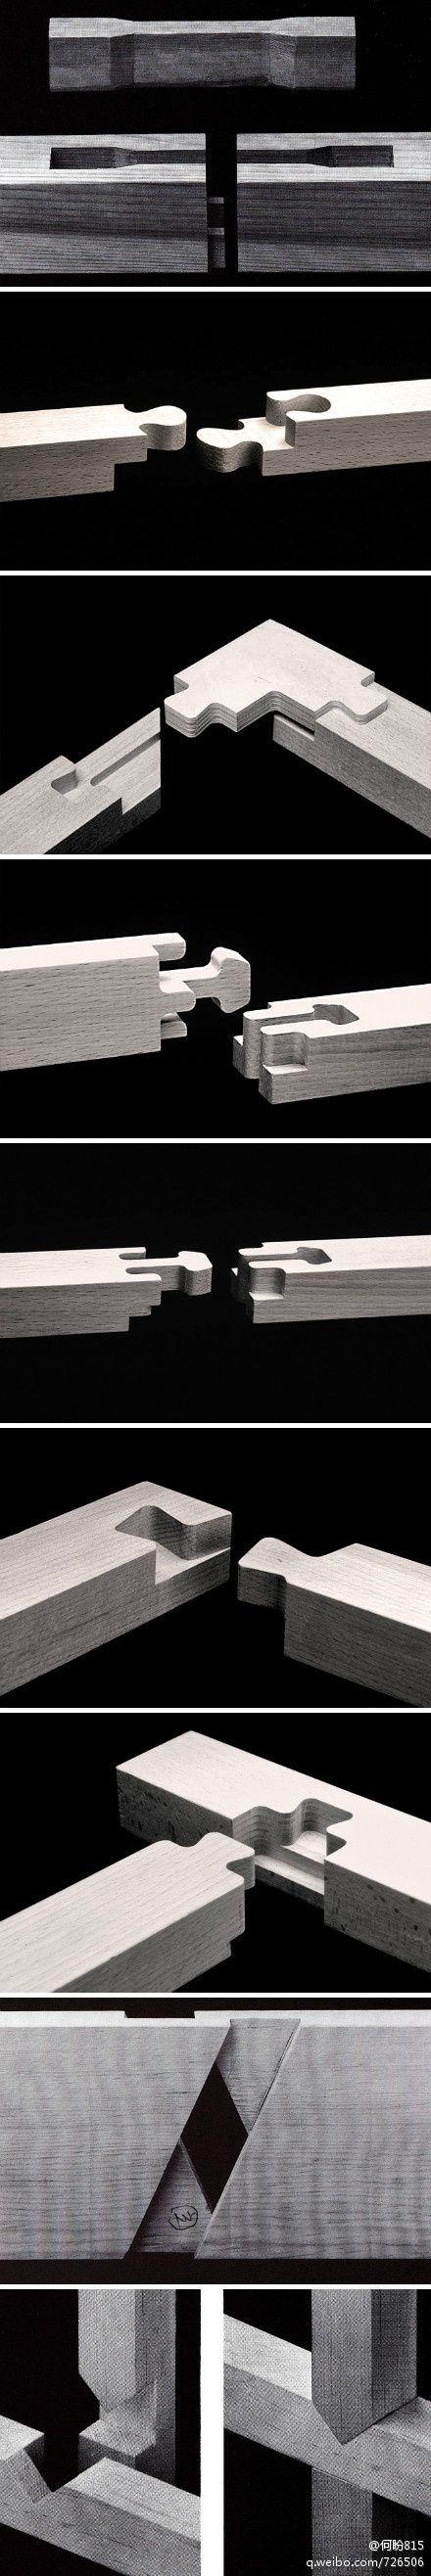 Ajout d'une pièce supplémentaire qui épouse la forme des deux autres pièces à regrouper.